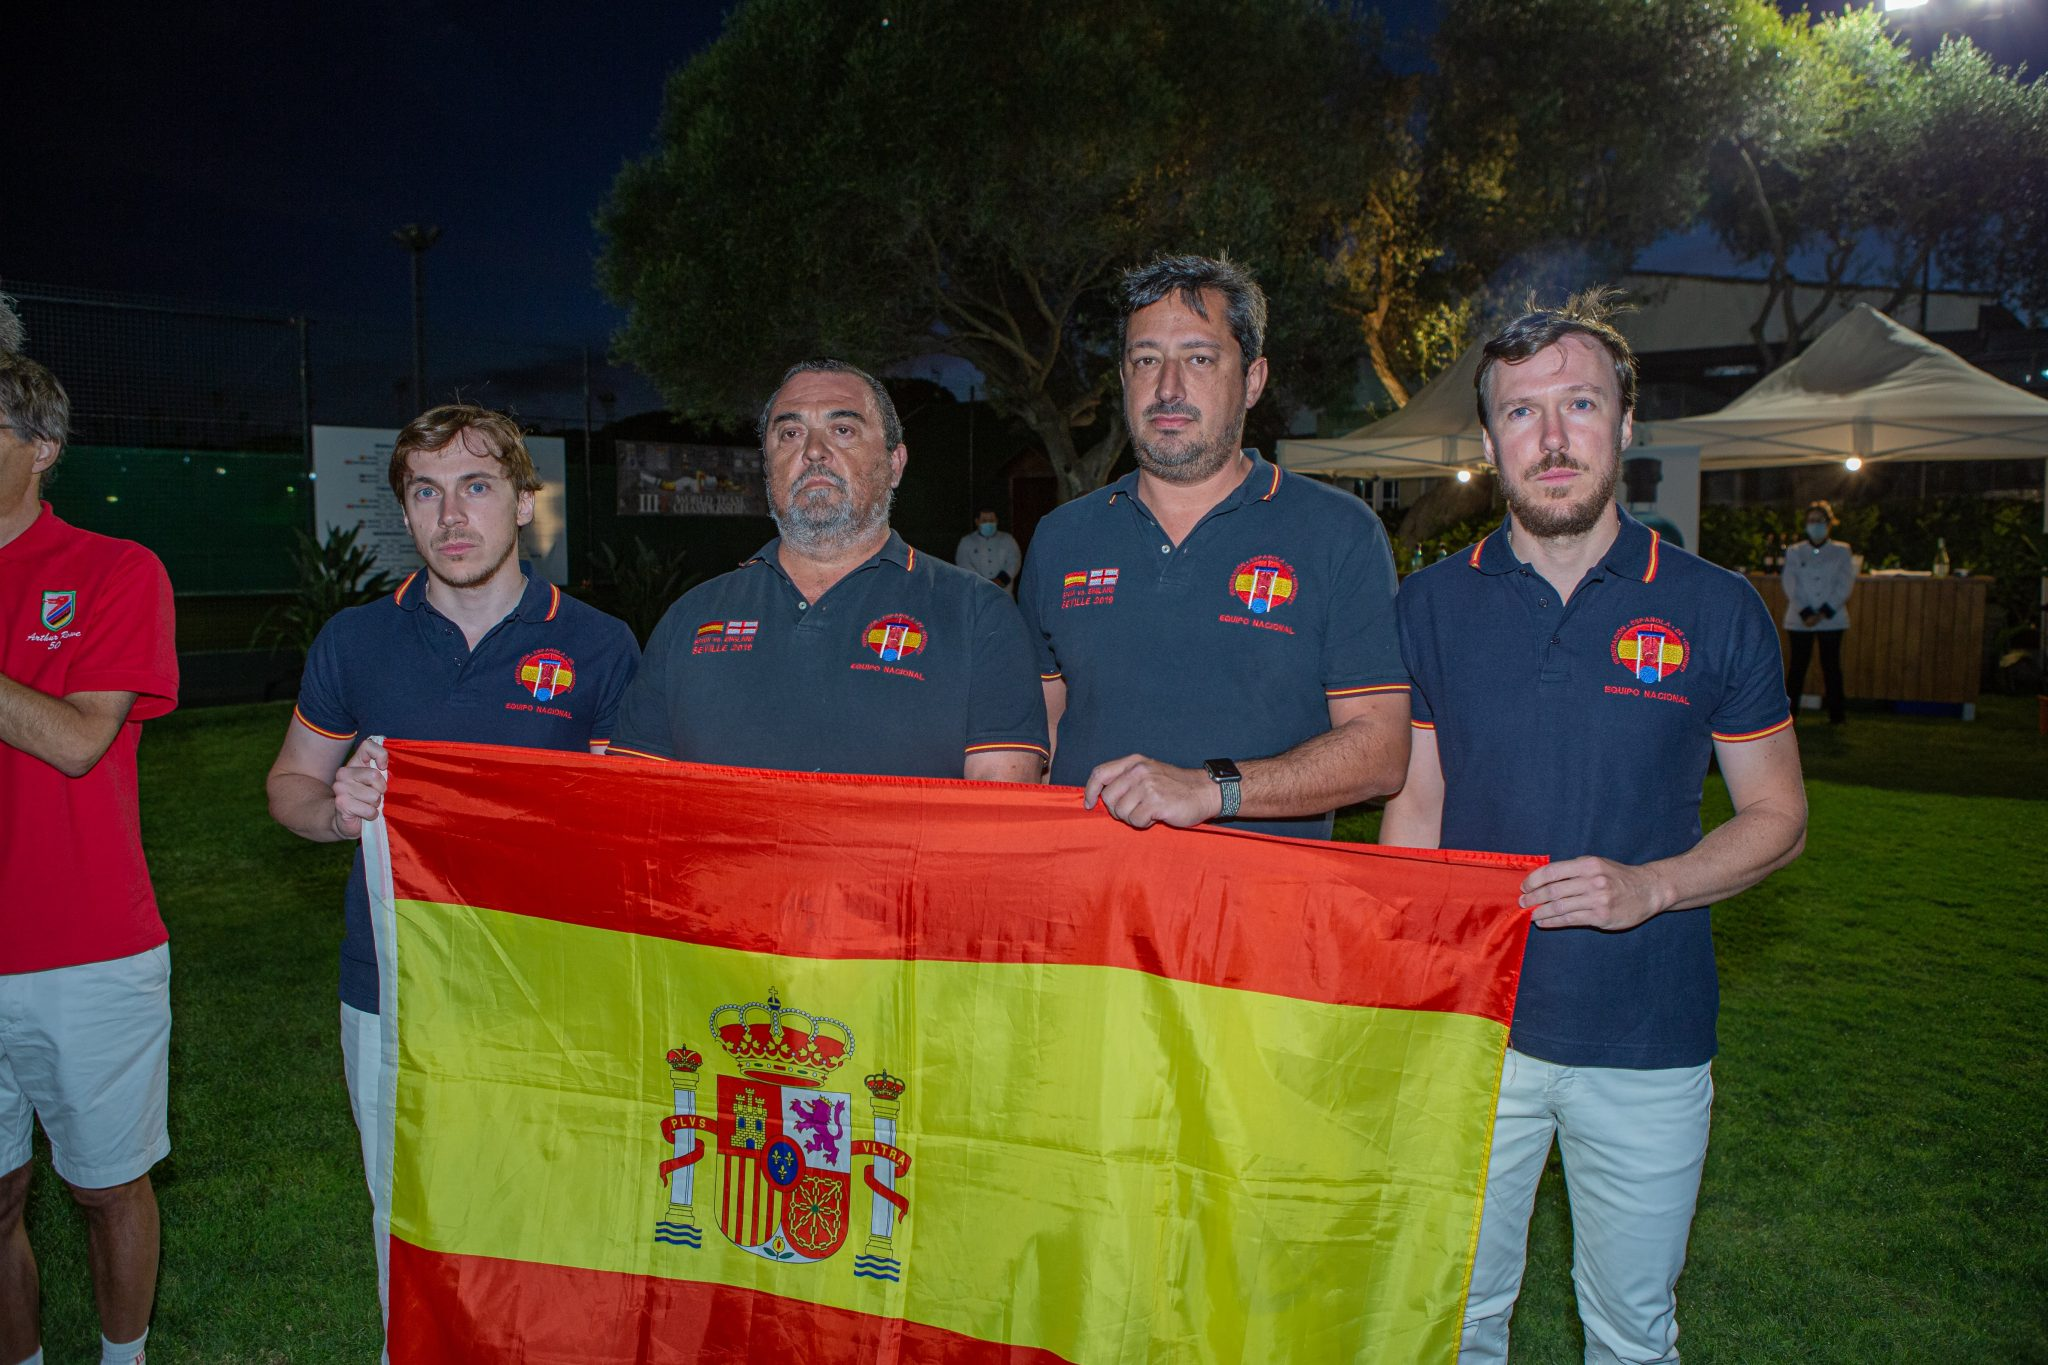 III Campeonato del Mundo de Croquet por Países - Real Novo Sancti Petri 152